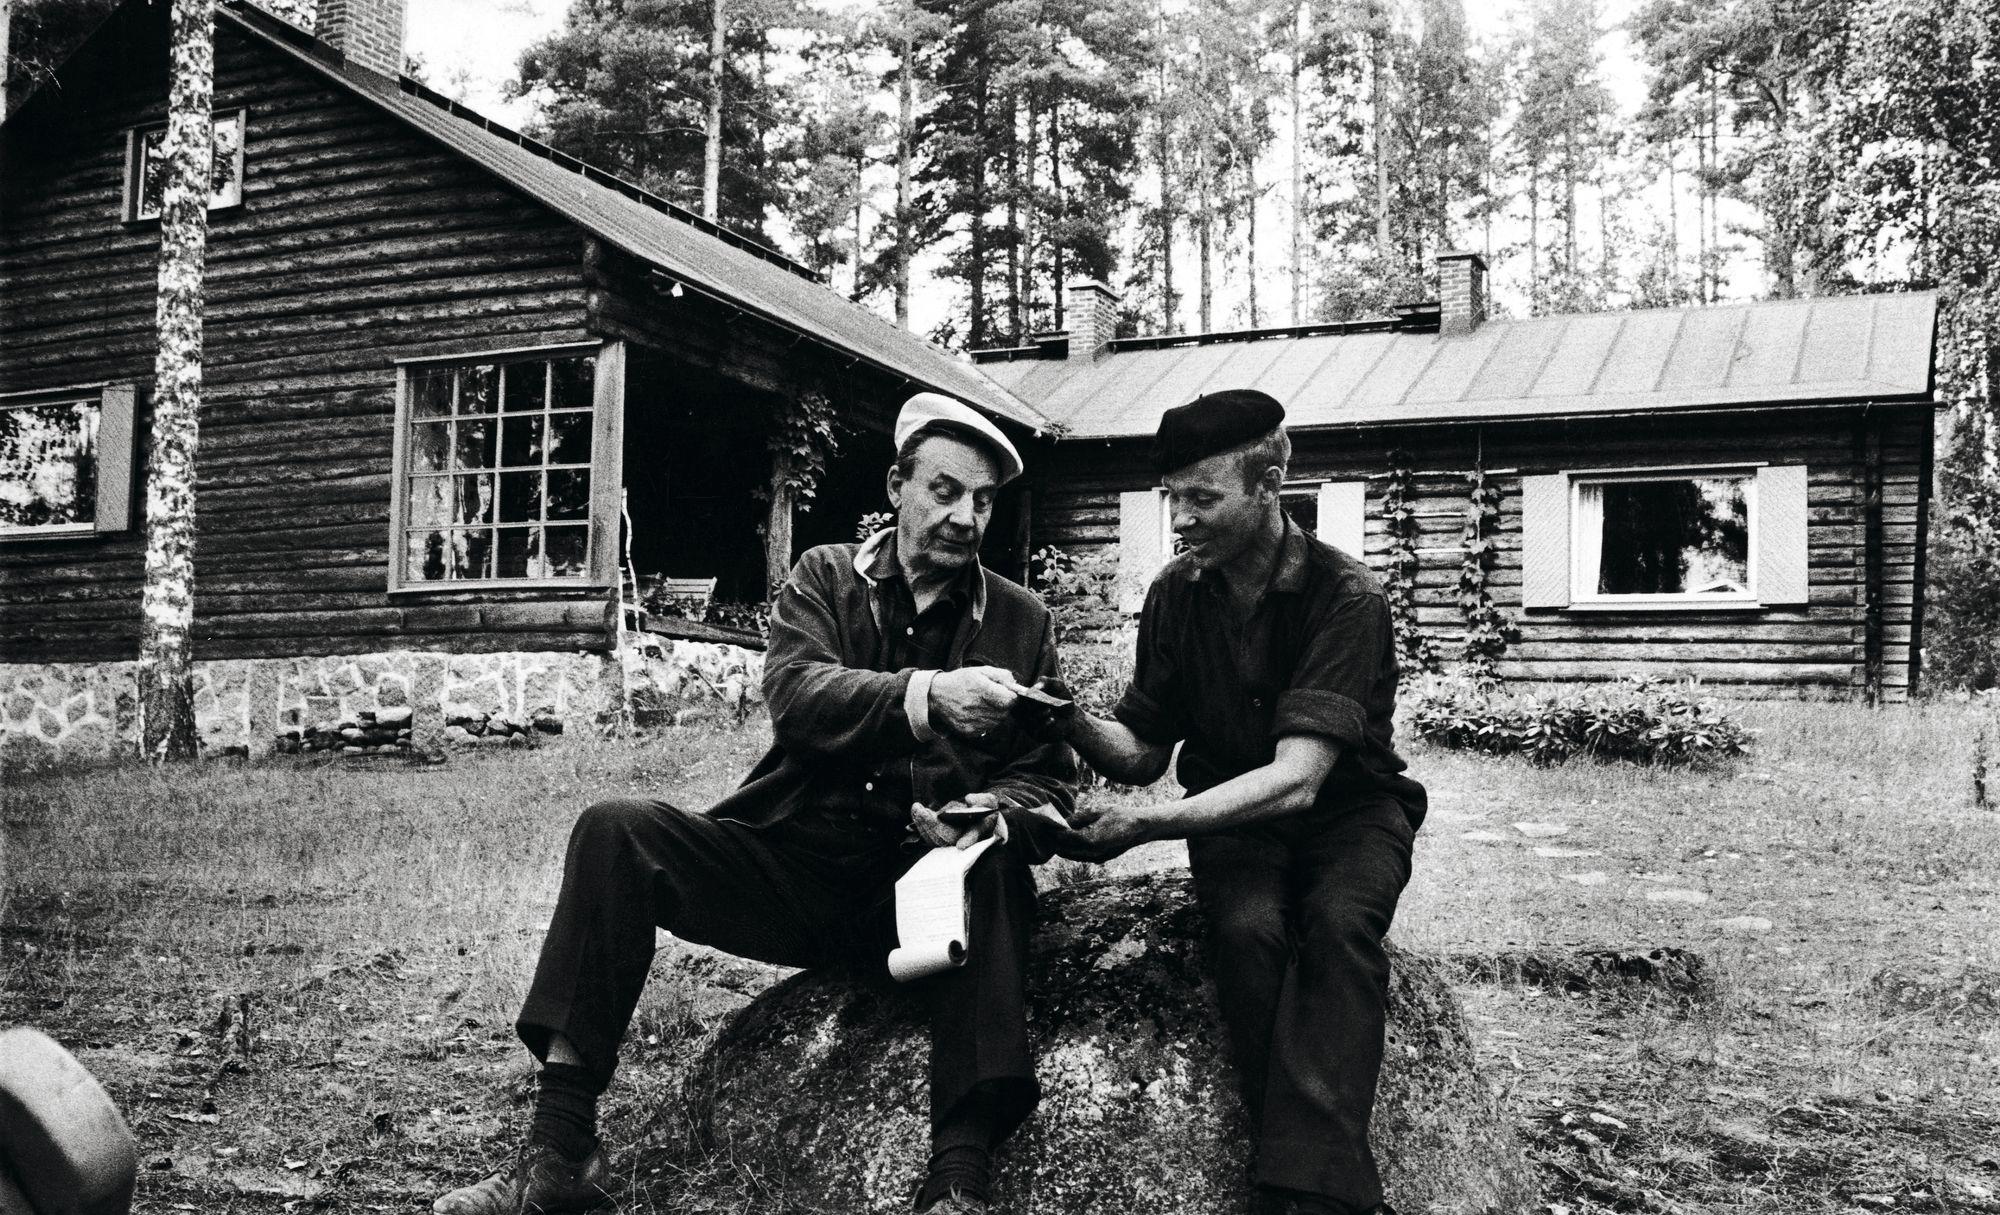 Näin suomalaiset tähdet juhlivat: Suvirannan kimppahuvila oli näyttelijöiden kesäparatiisi. © Jorma Komulainen/Skoy